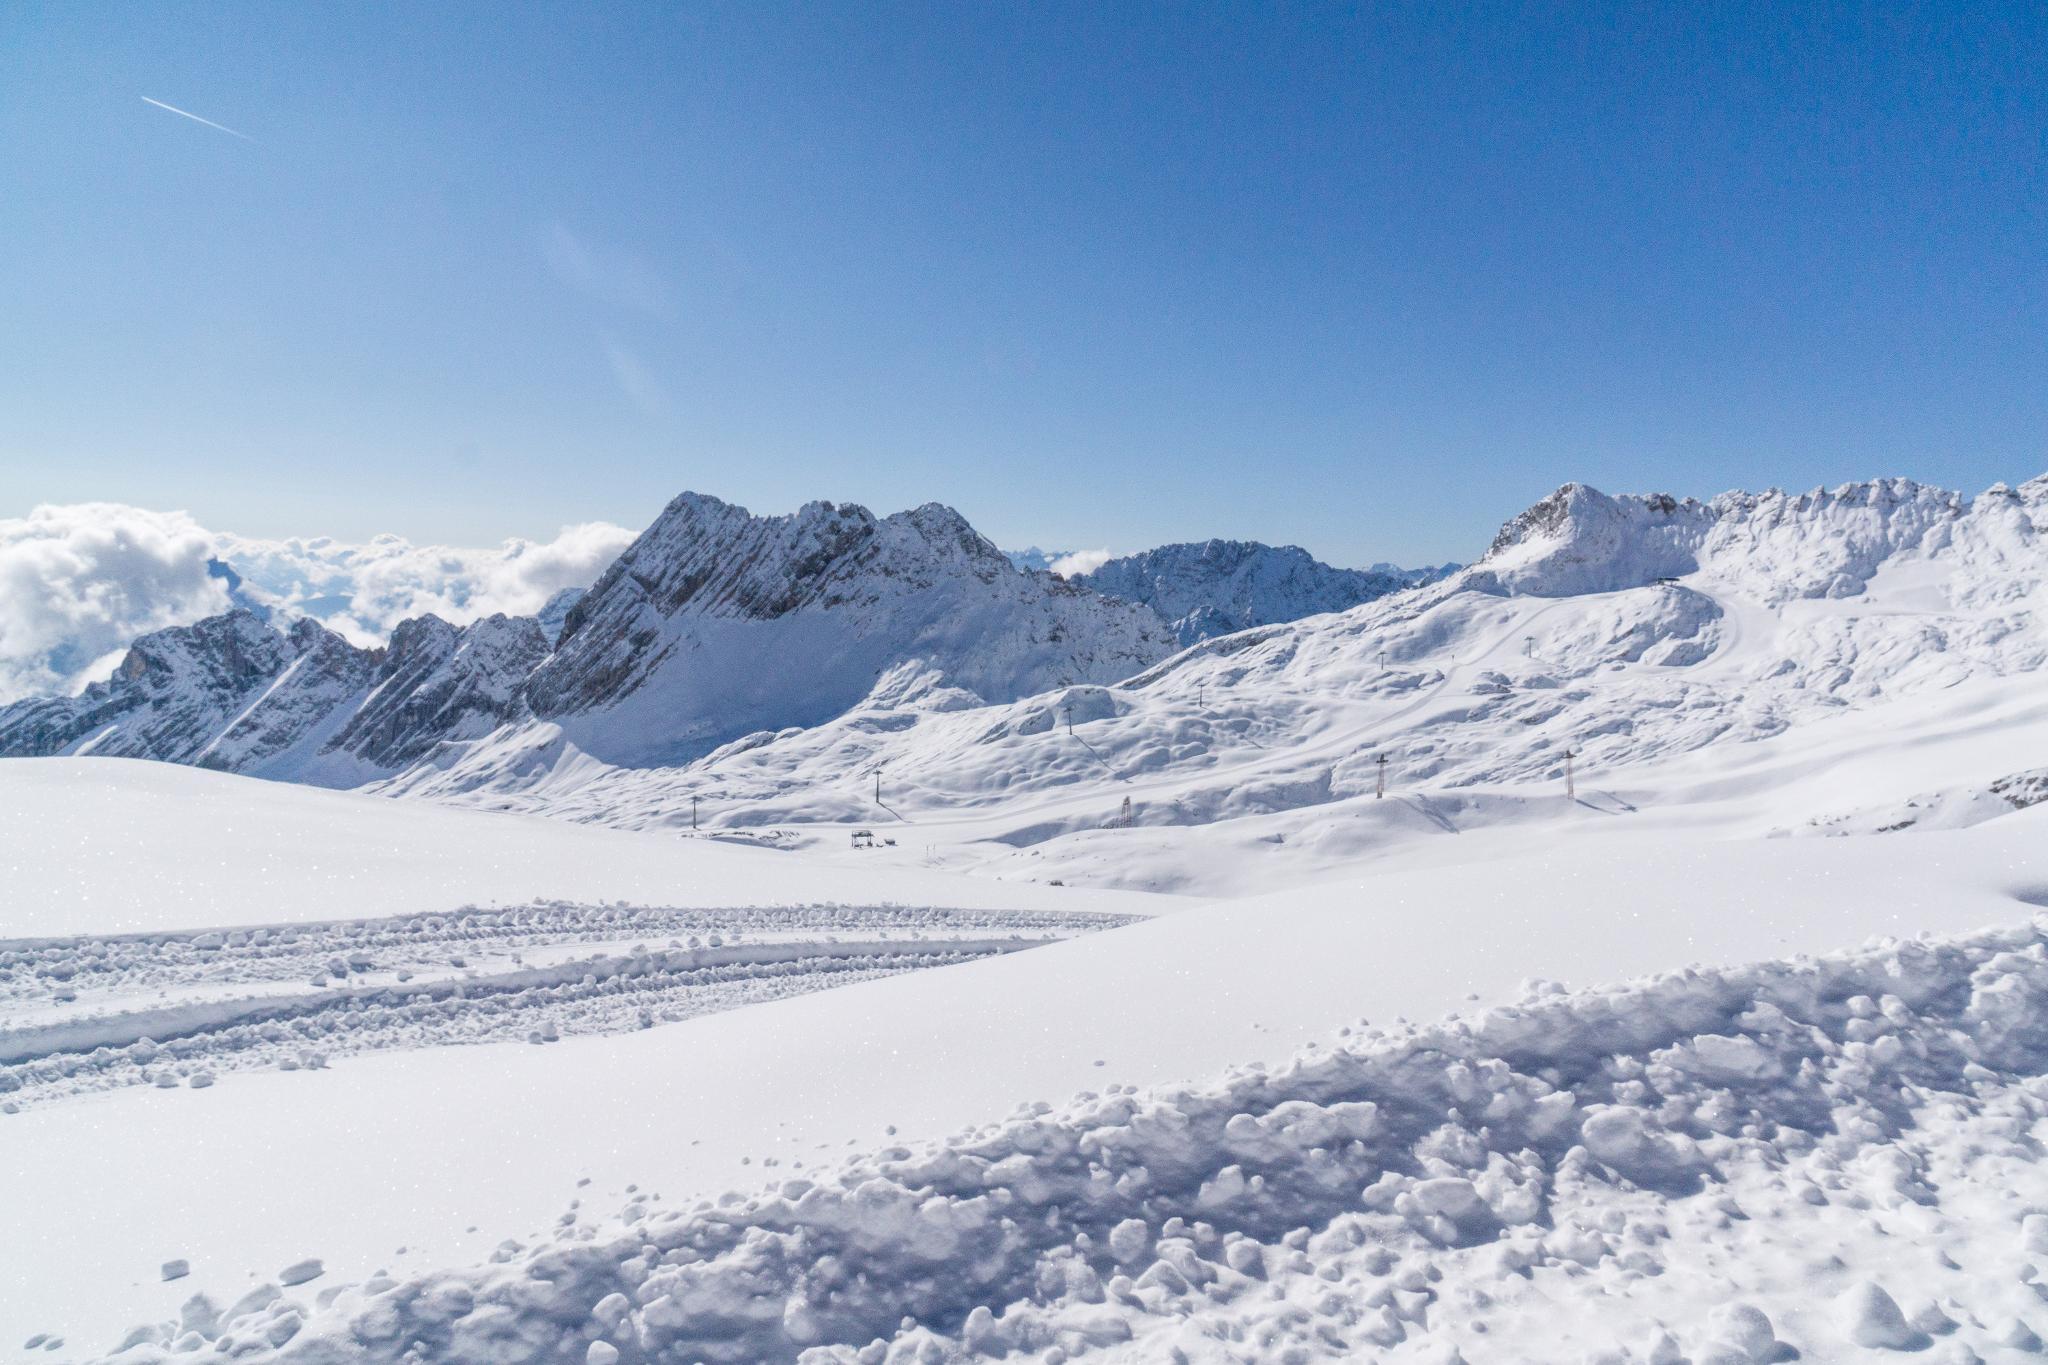 【德國】阿爾卑斯大道:楚格峰 (Zugspitze) 登上德國之巔 25